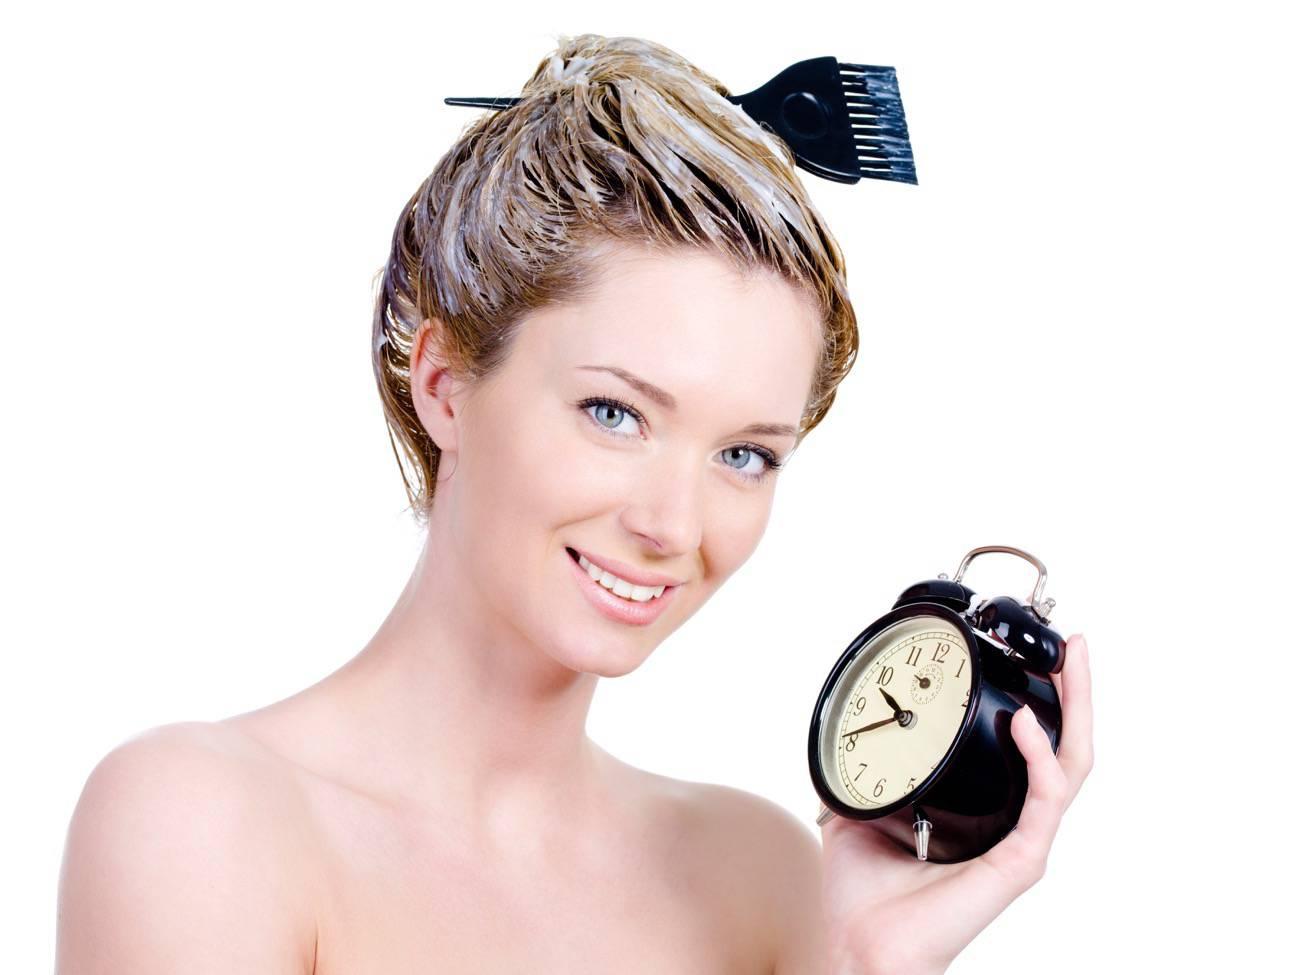 Trucos para cortarte el pelo en casa y ahorrar en peluquer a - Ahorrar en casa trucos ...